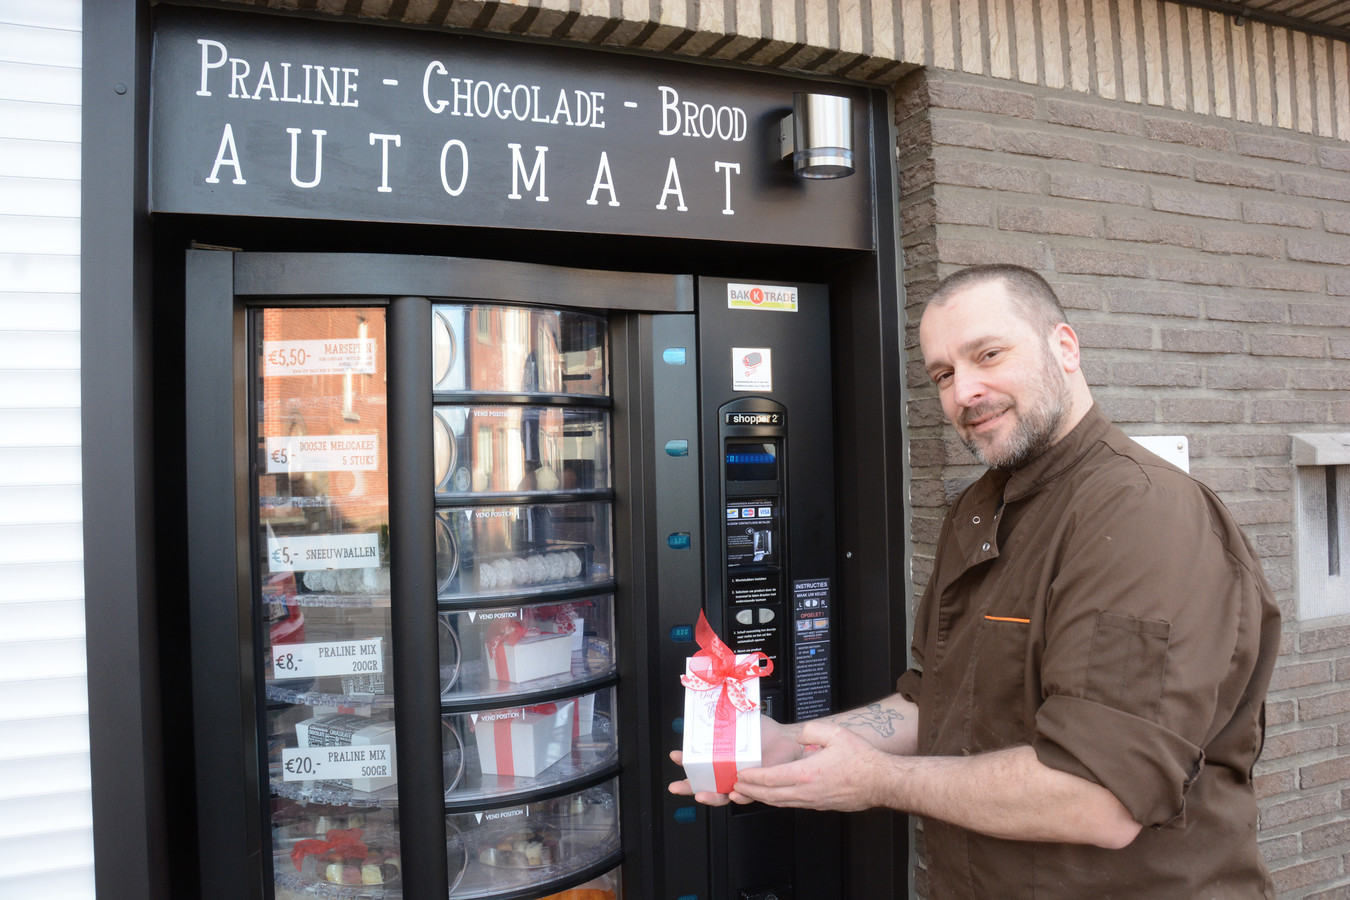 Dominique Heyrman combineert zijn werk als havenarbeider met die van chocolatier. Omdat zijn winkel enkel in het weekend geopend is, plaatste hij een pralineautomaat.